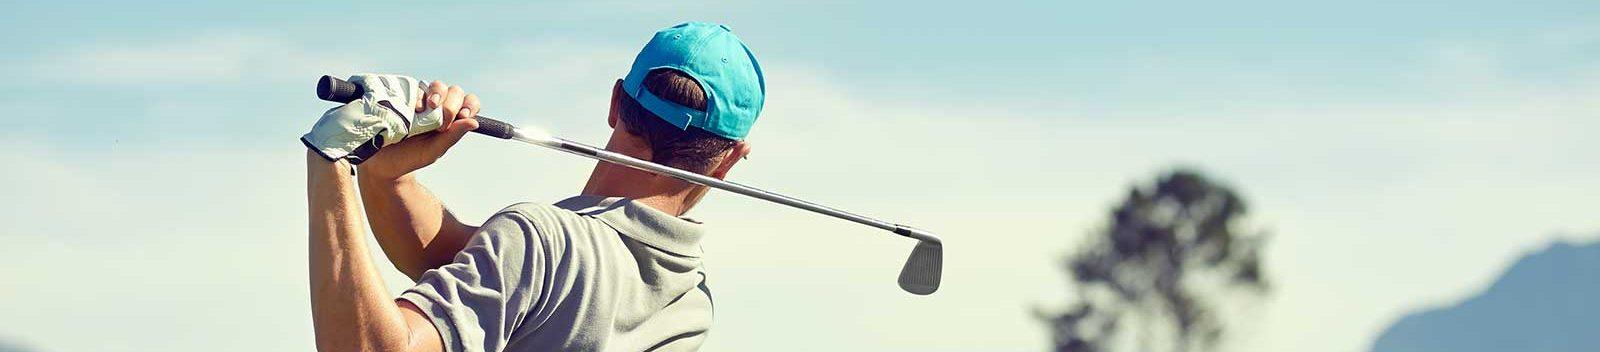 golf-course-115